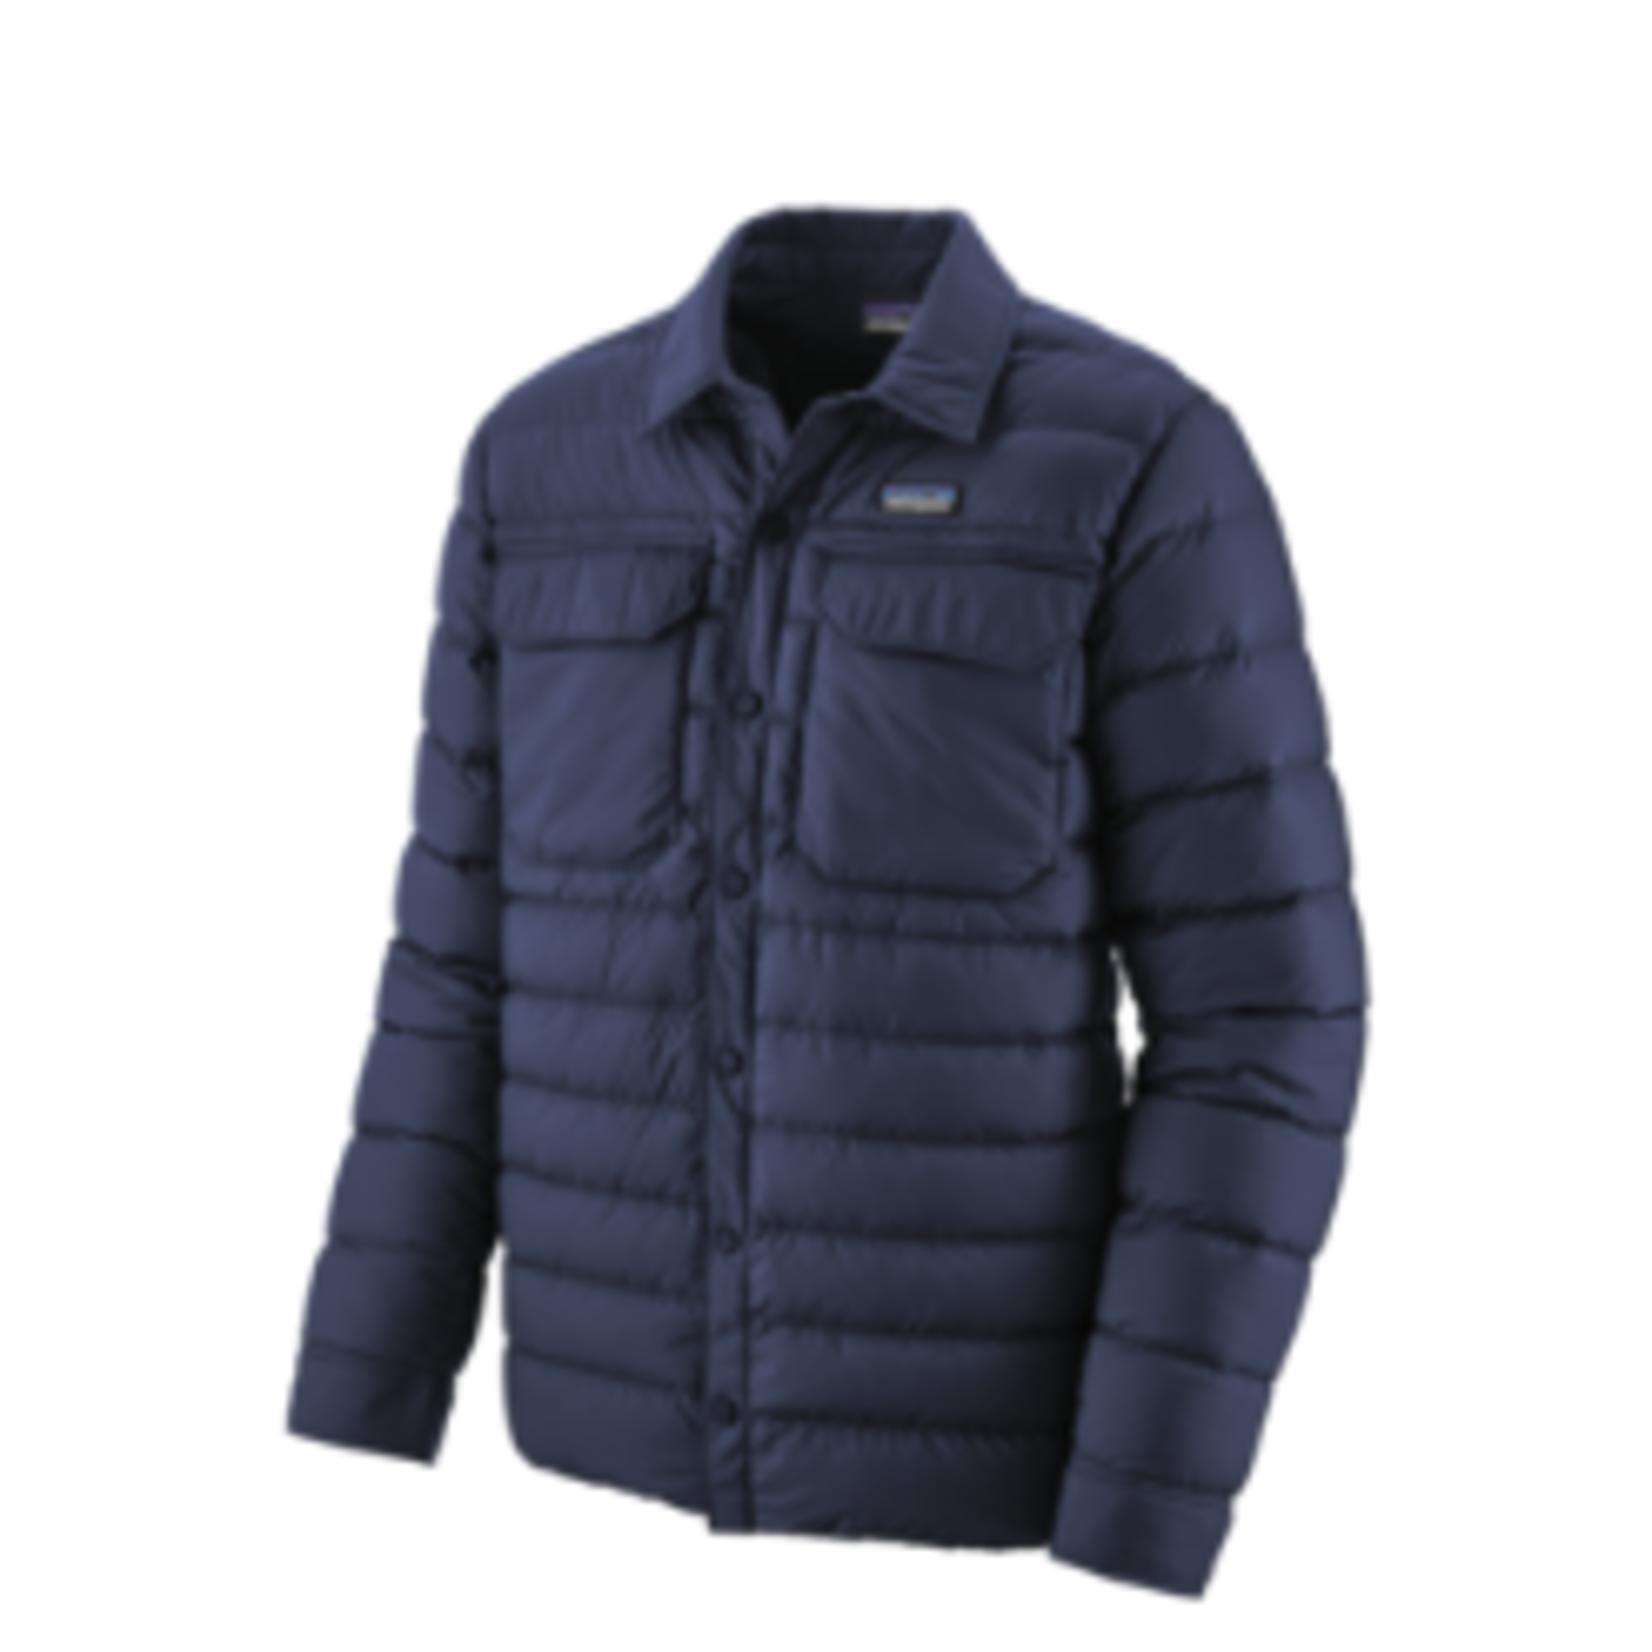 Patagonia Patagonia M's Silent Down Shirt Jacket